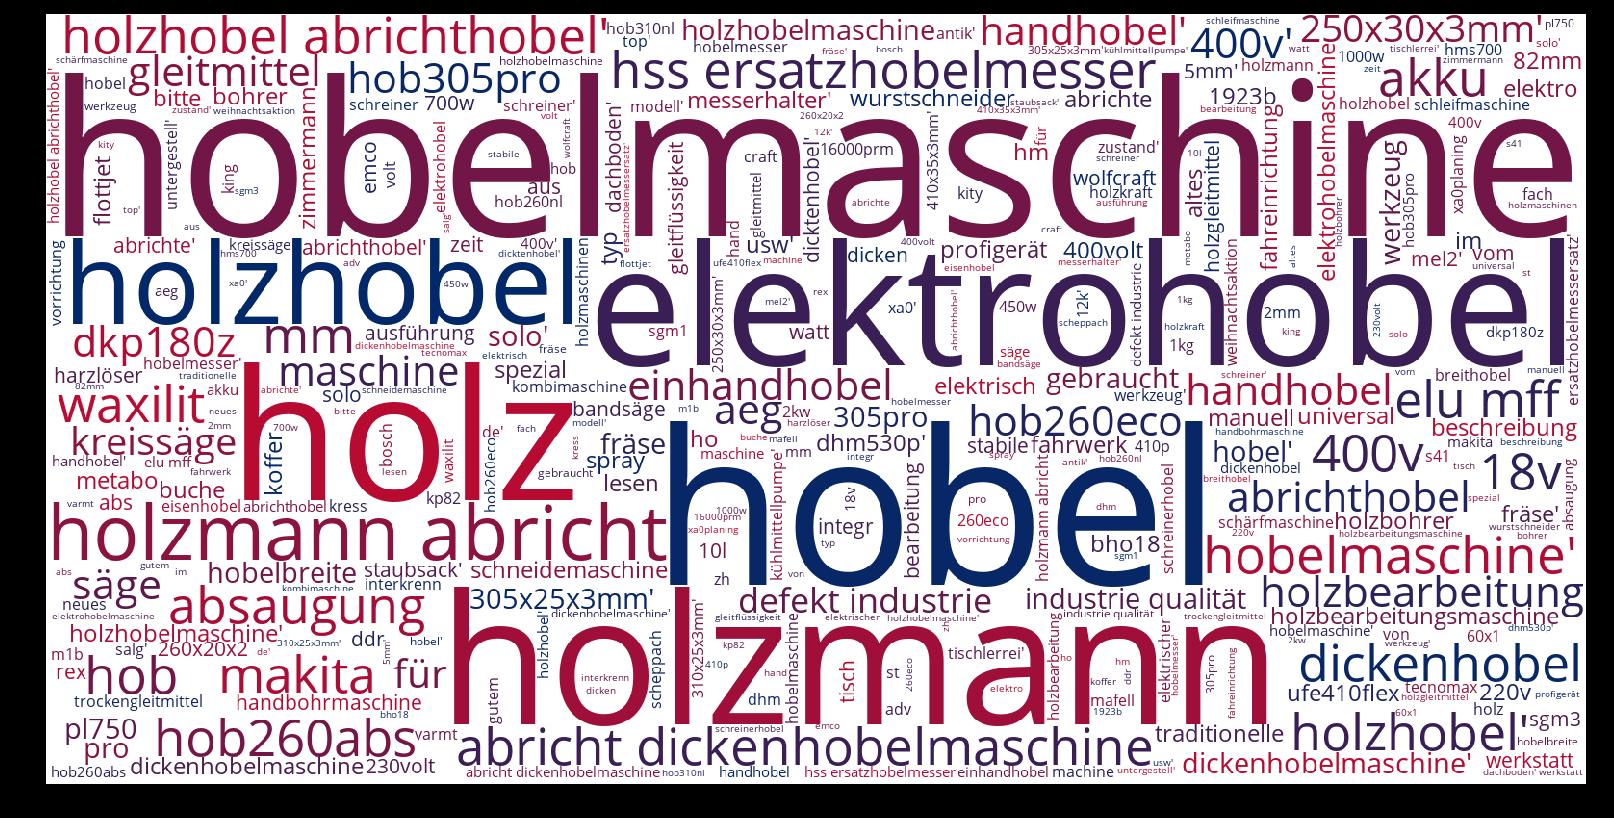 Holzhobelmaschine-wordcloud